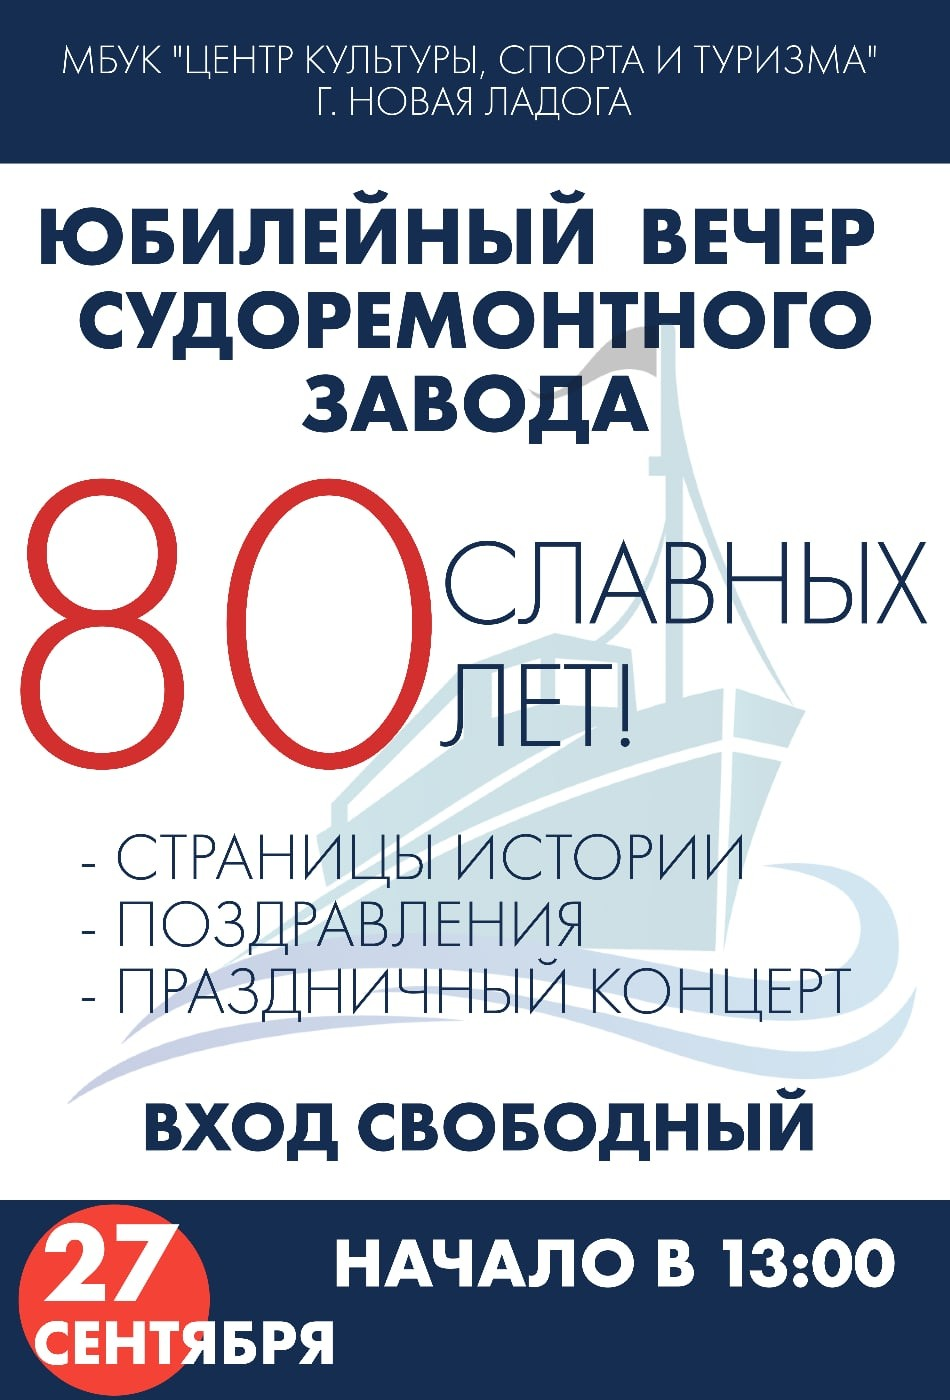 """Юбилейный вечер судоремонтного завода """"80 СЛАВНЫХ ЛЕТ"""""""